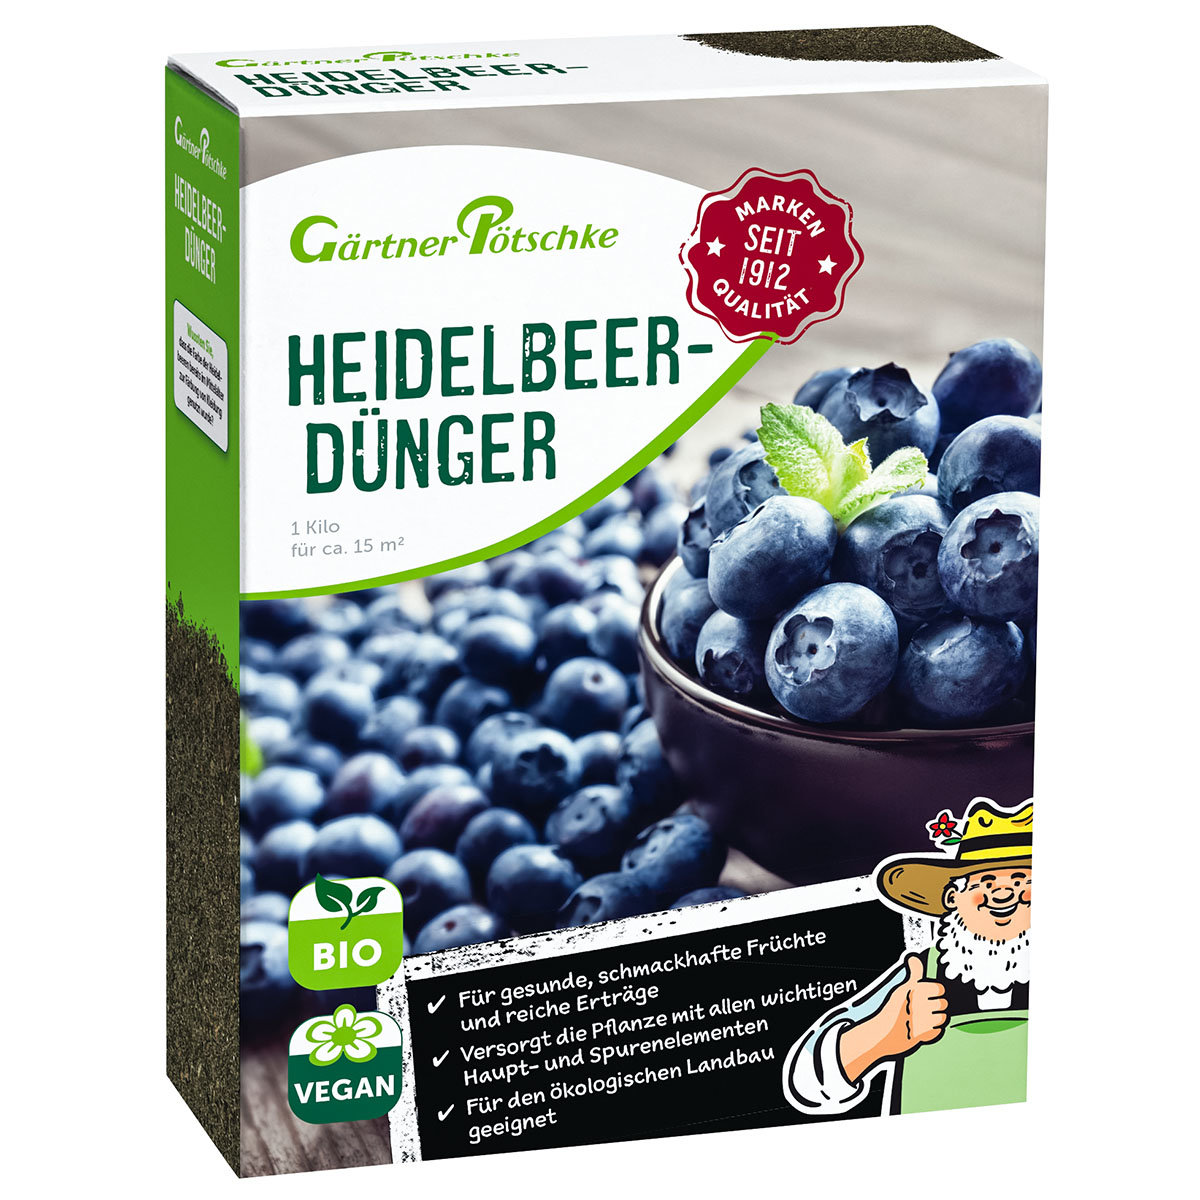 Heidelbeer-Dünger, 1 kg